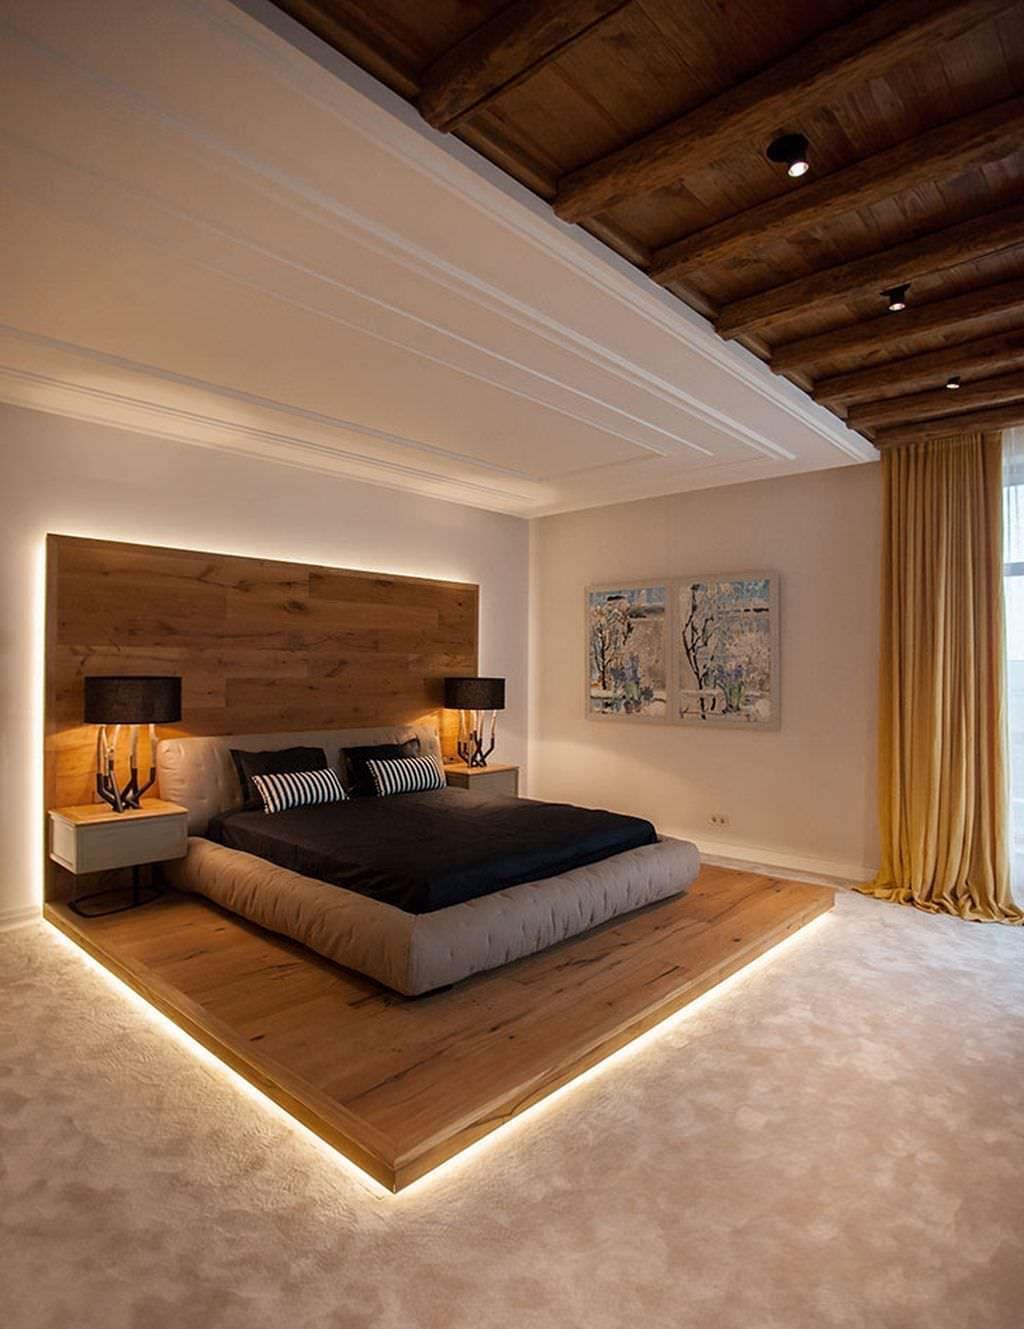 Camere Da Letto Particolari in 2020 Luxurious bedrooms